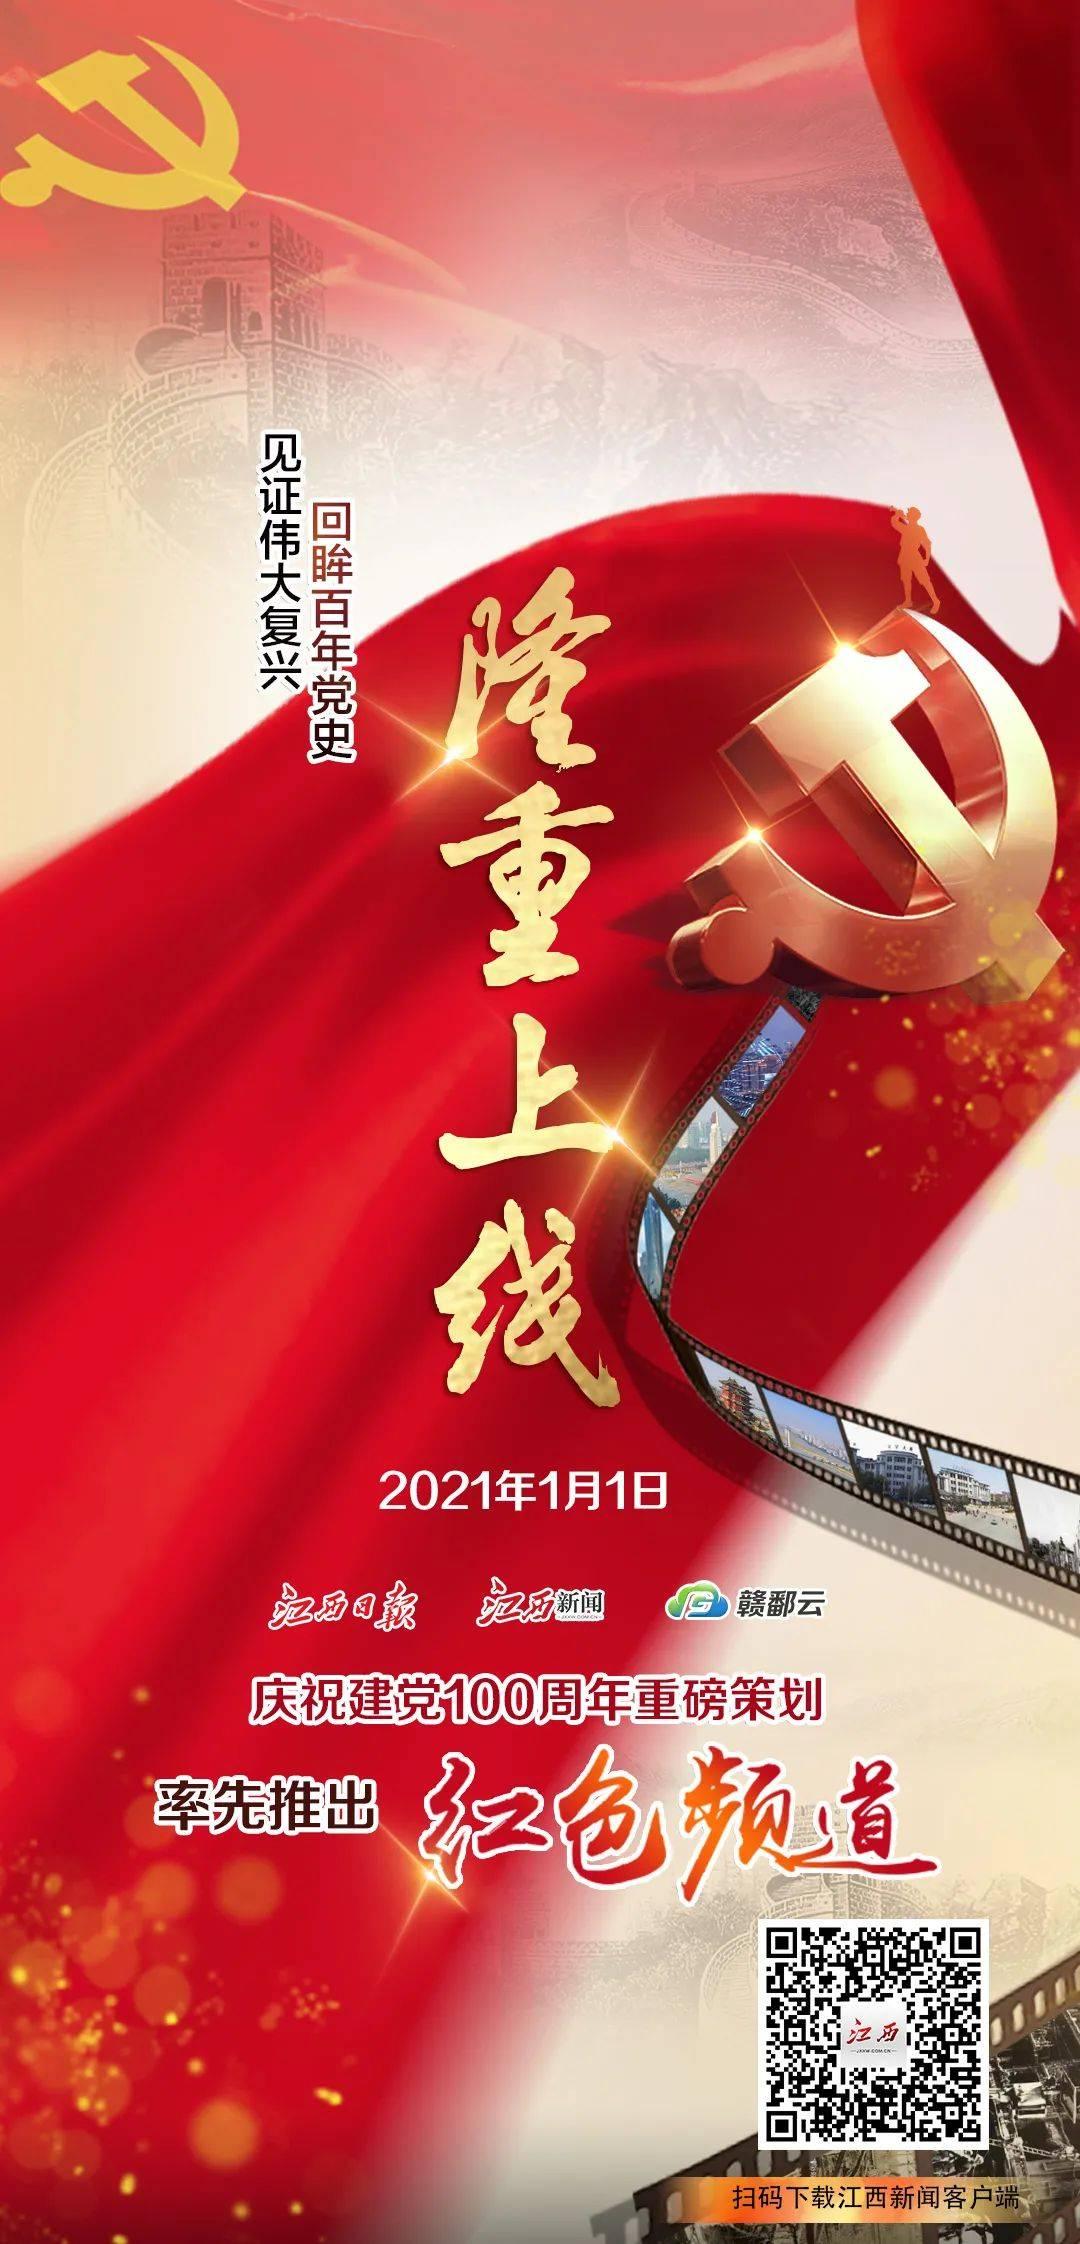 今日!江西日报启动庆祝建党百年重磅策划!红色频道上线